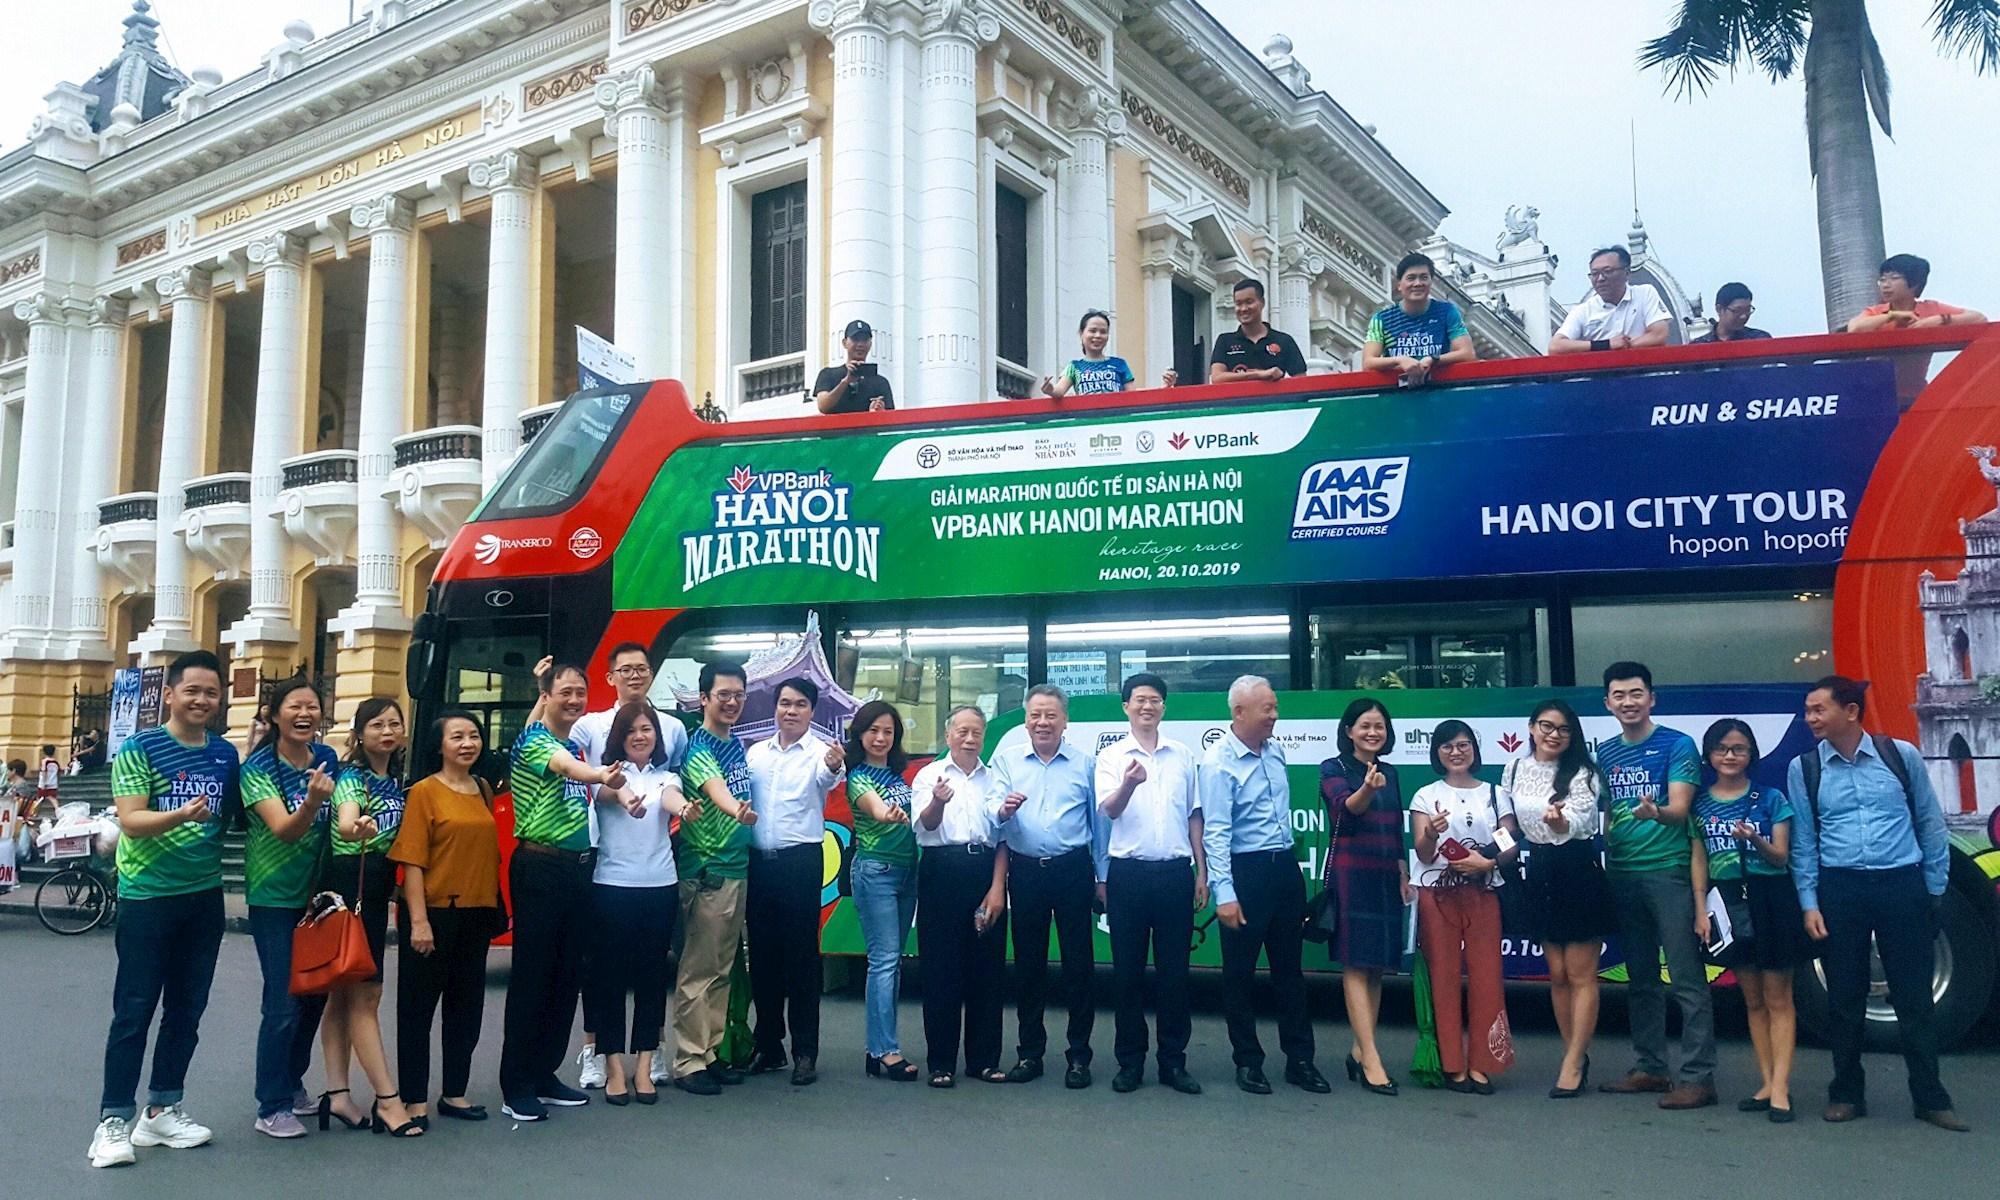 Hơn 7.000 người tham dự Giải chạy Marathon quốc tế di sản Hà Nội năm 2019